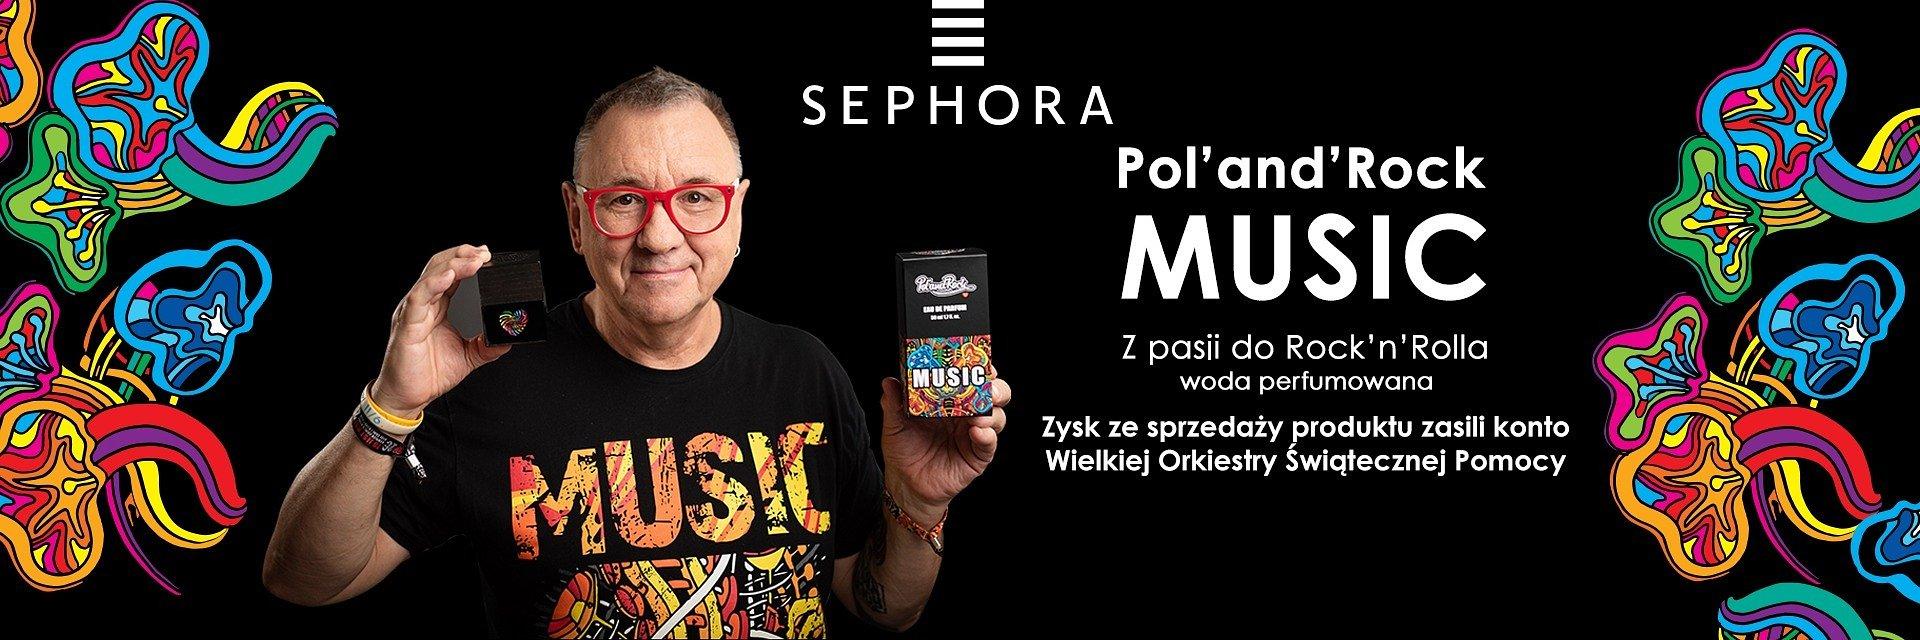 Sephora w rytmie Pol'and'Rock